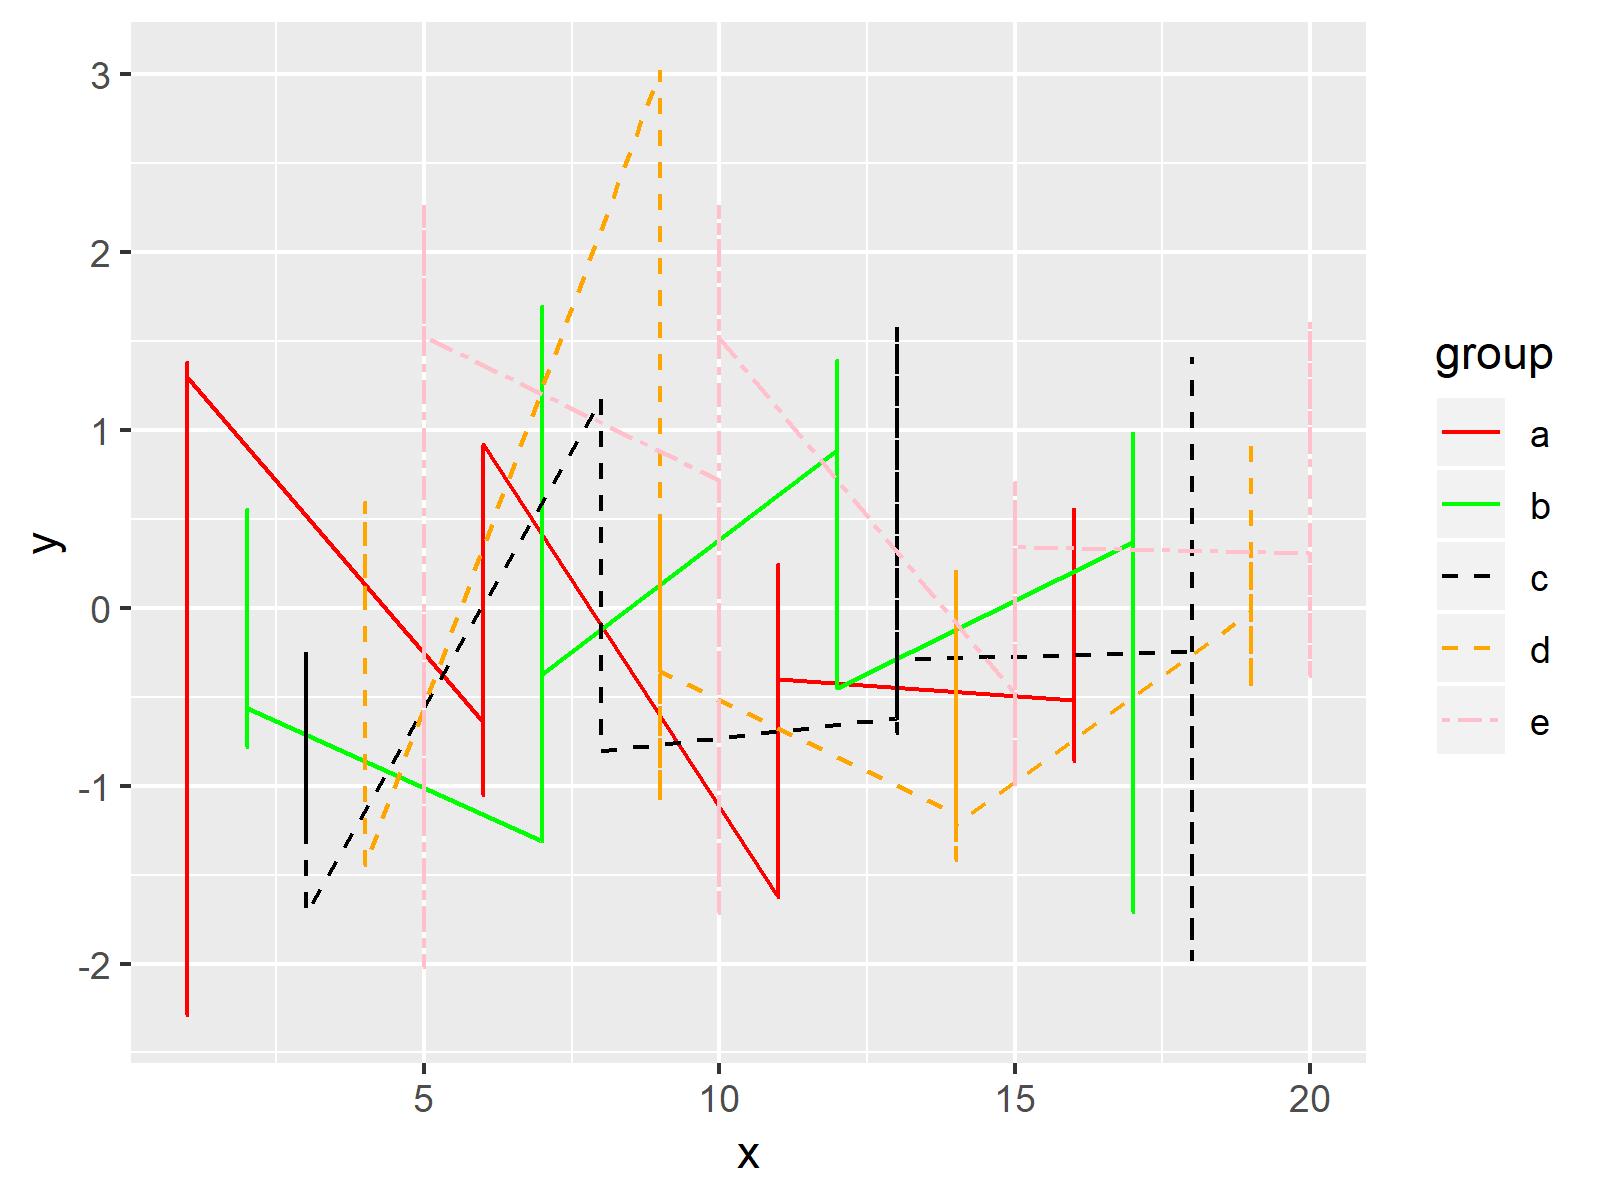 r graph figure 2 control line color type ggplot2 legend r